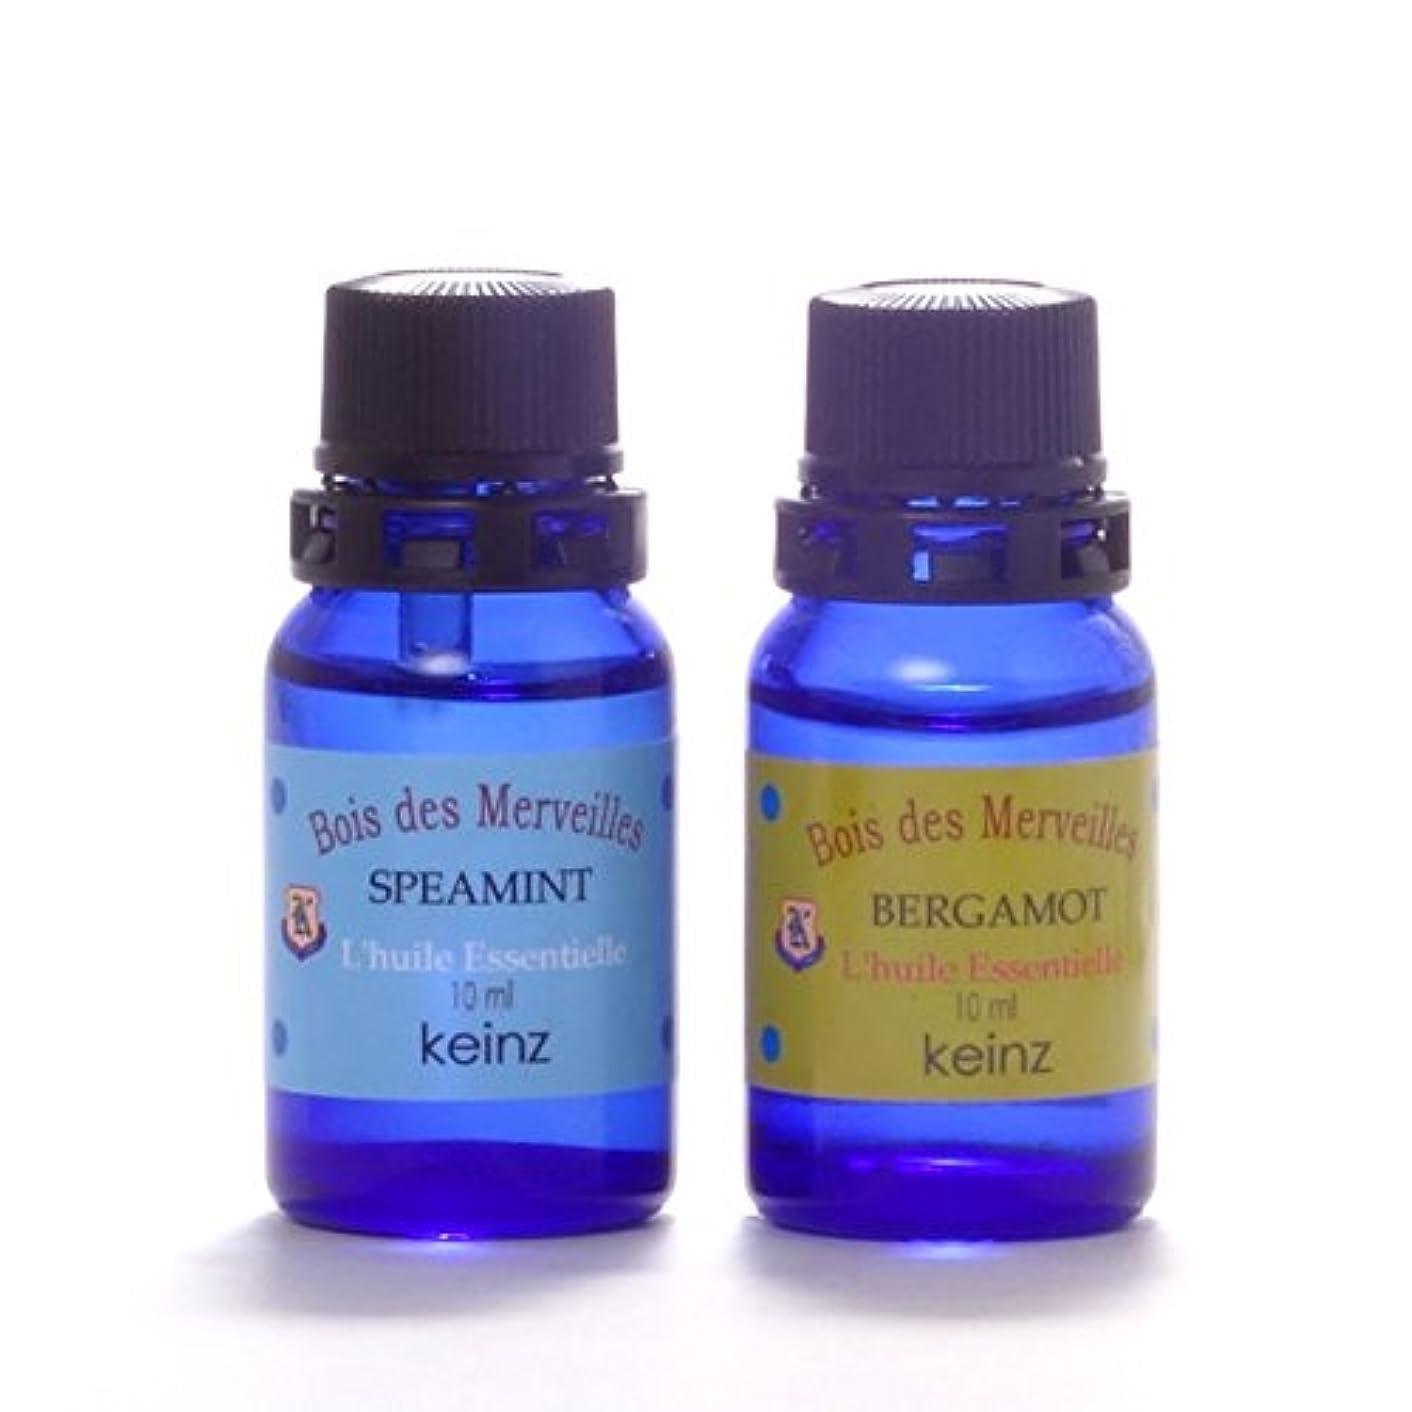 技術細心の現実keinzエッセンシャルオイル「ベルガモット10ml&スペアミント10ml」2種1セット ケインズ正規品 製造国アメリカ 完全無添加 人工香料は使っていません。